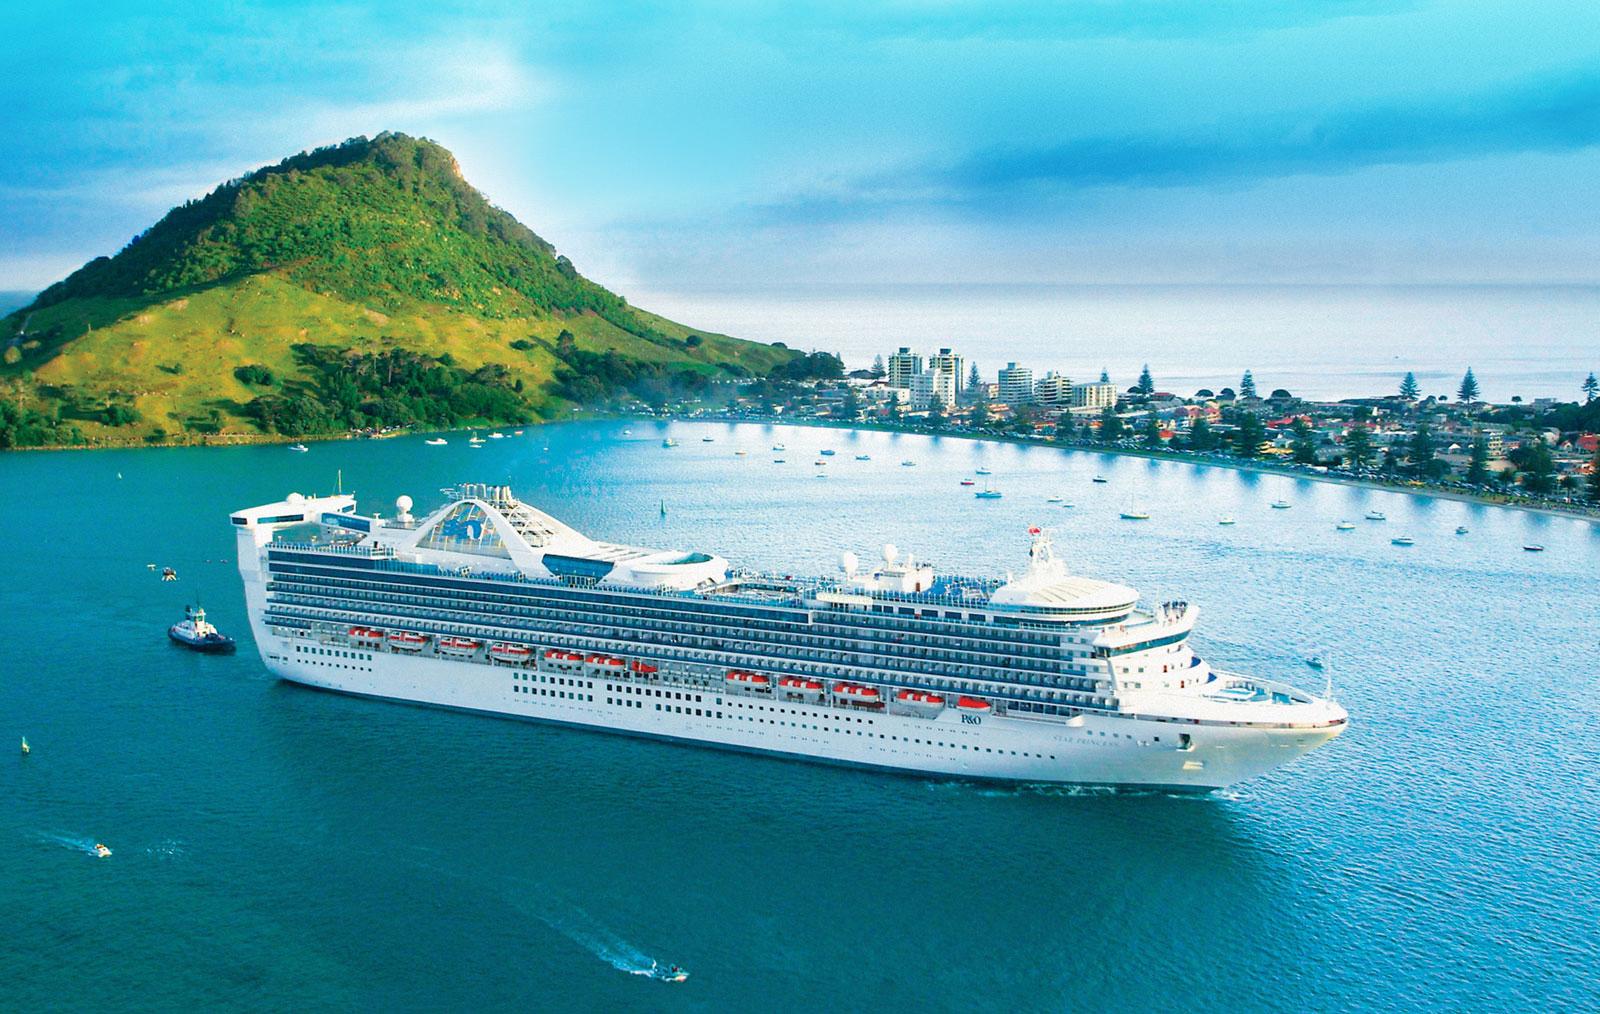 Tauranga Port cruiseship